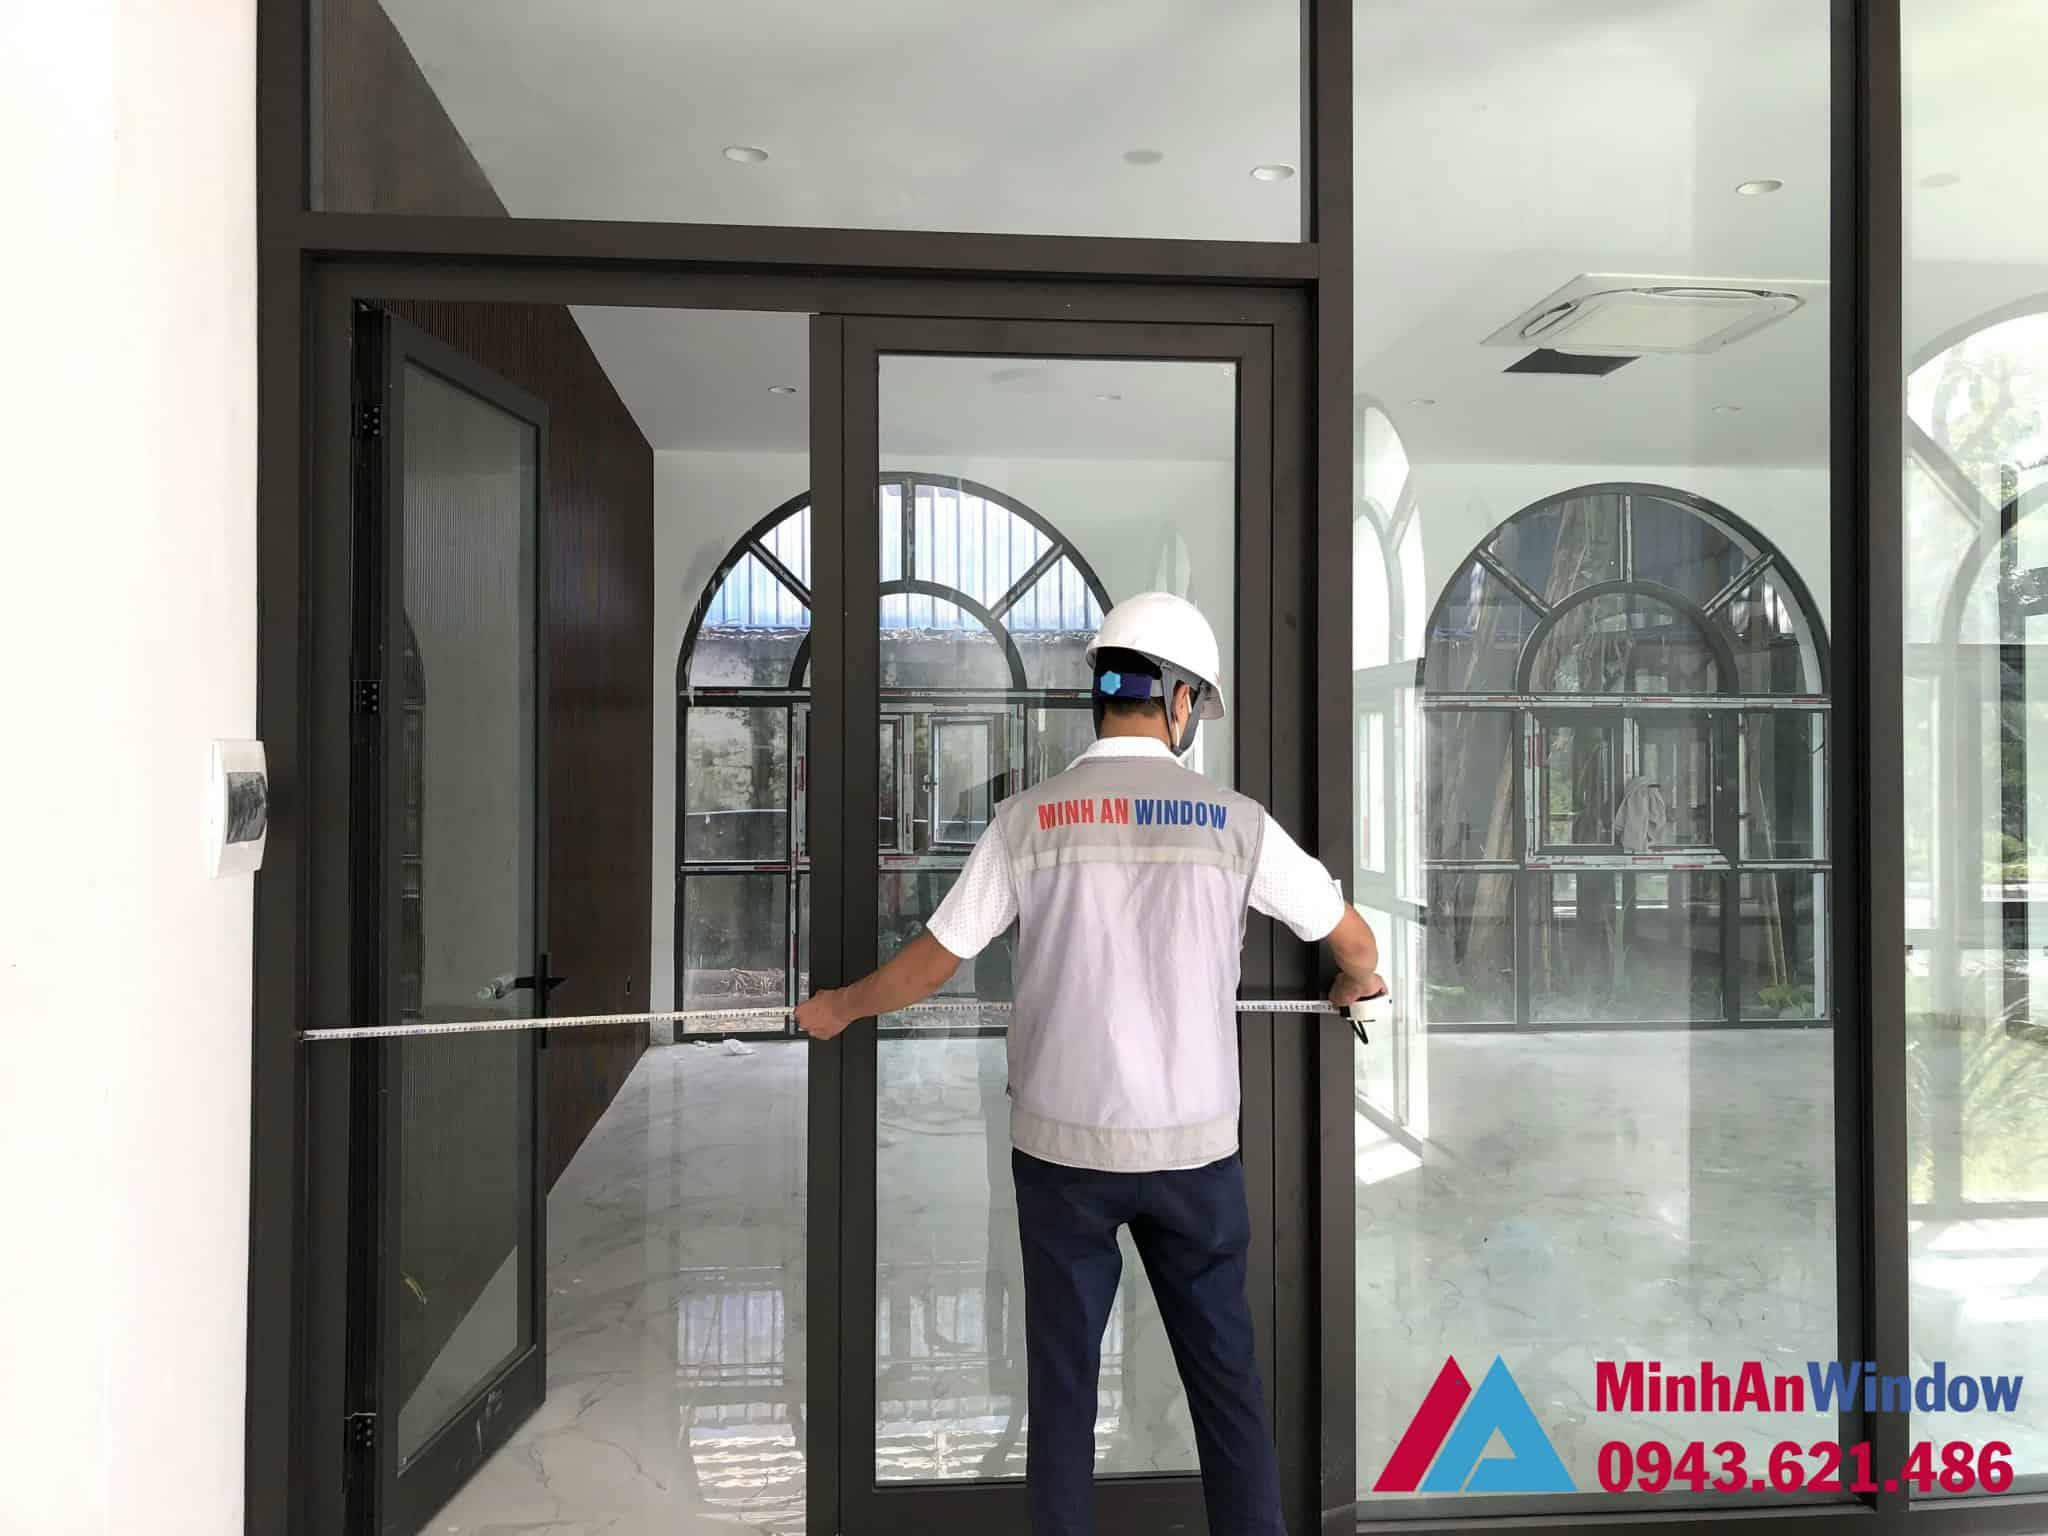 Minh An Window lắp đặt và thi công cửa nhôm kính